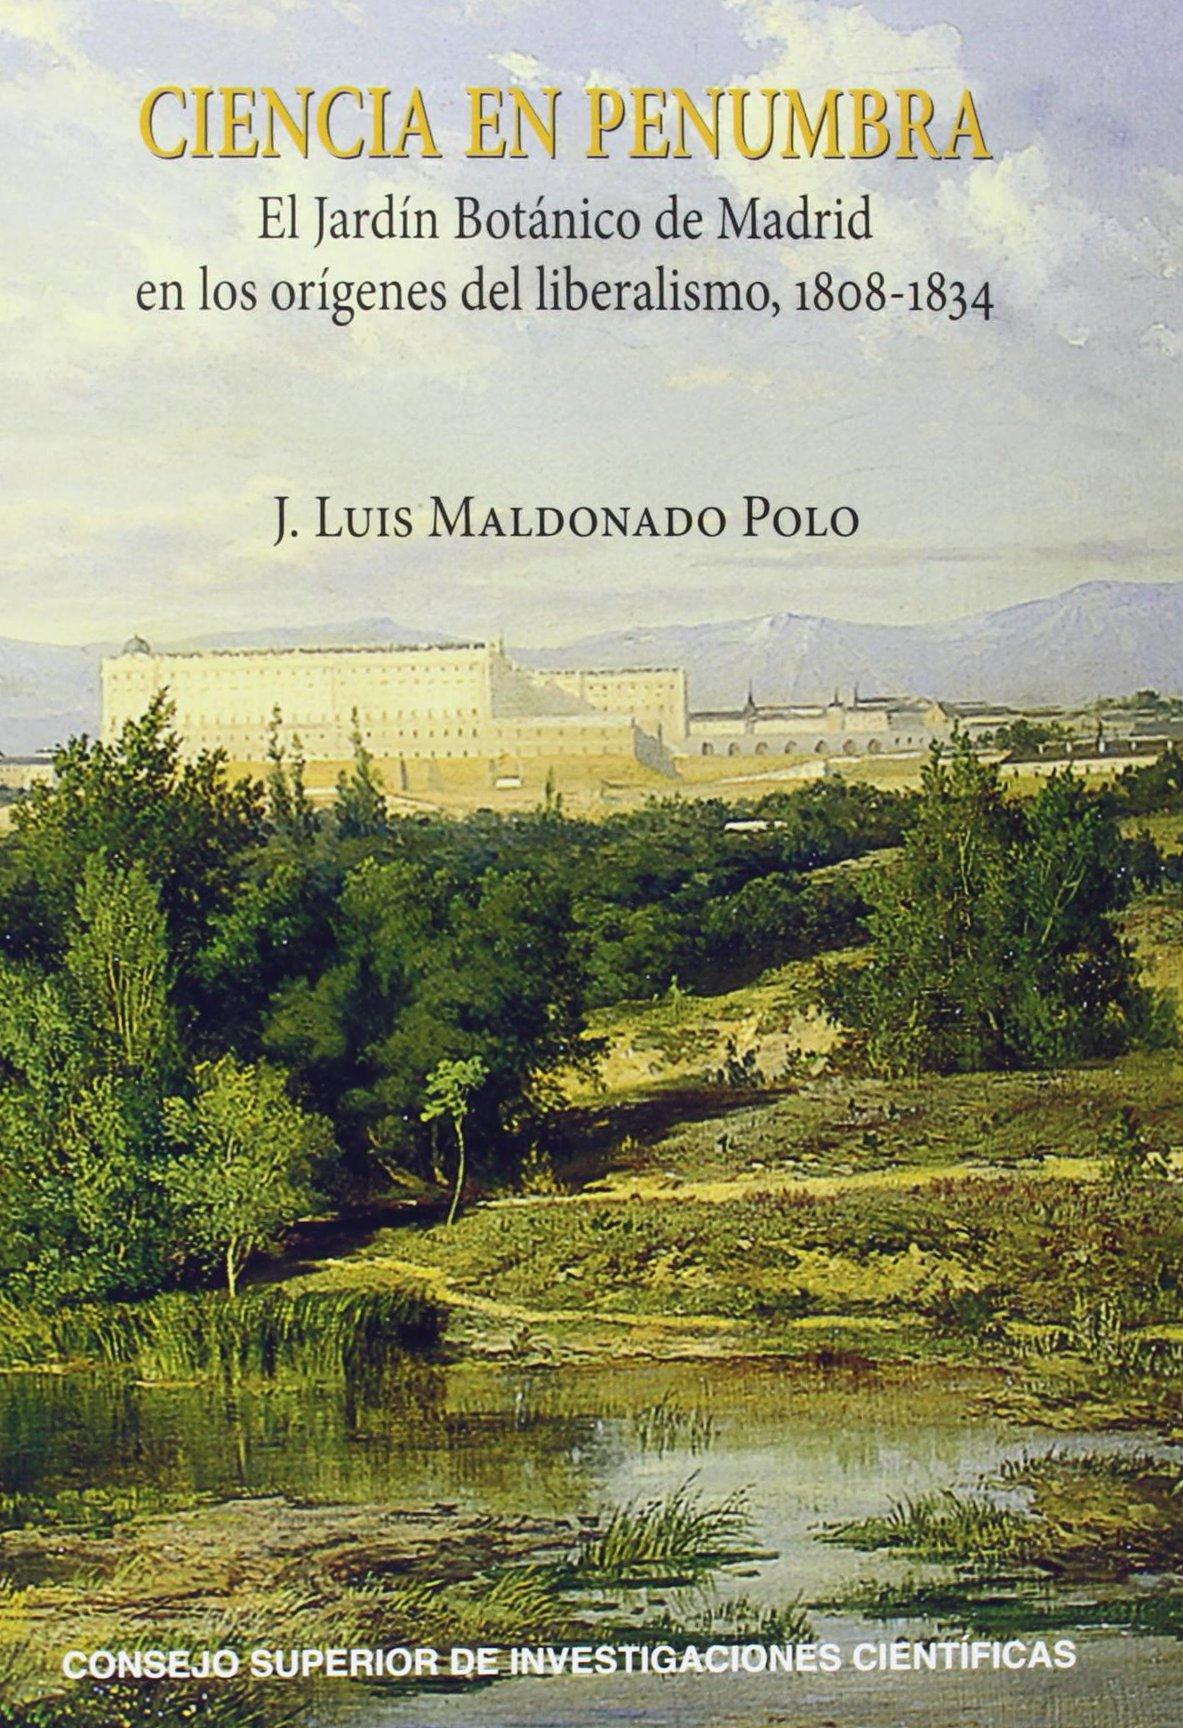 Ciencia en penumbra : el Jardín Botánico de Madrid en los orígenes del liberalismo, 1808-1834: El Jardín Botánico de Madrid en los orígenes del liberalismo, 1808-1834: Amazon.es: Maldonado Polo, J. Luis: Libros